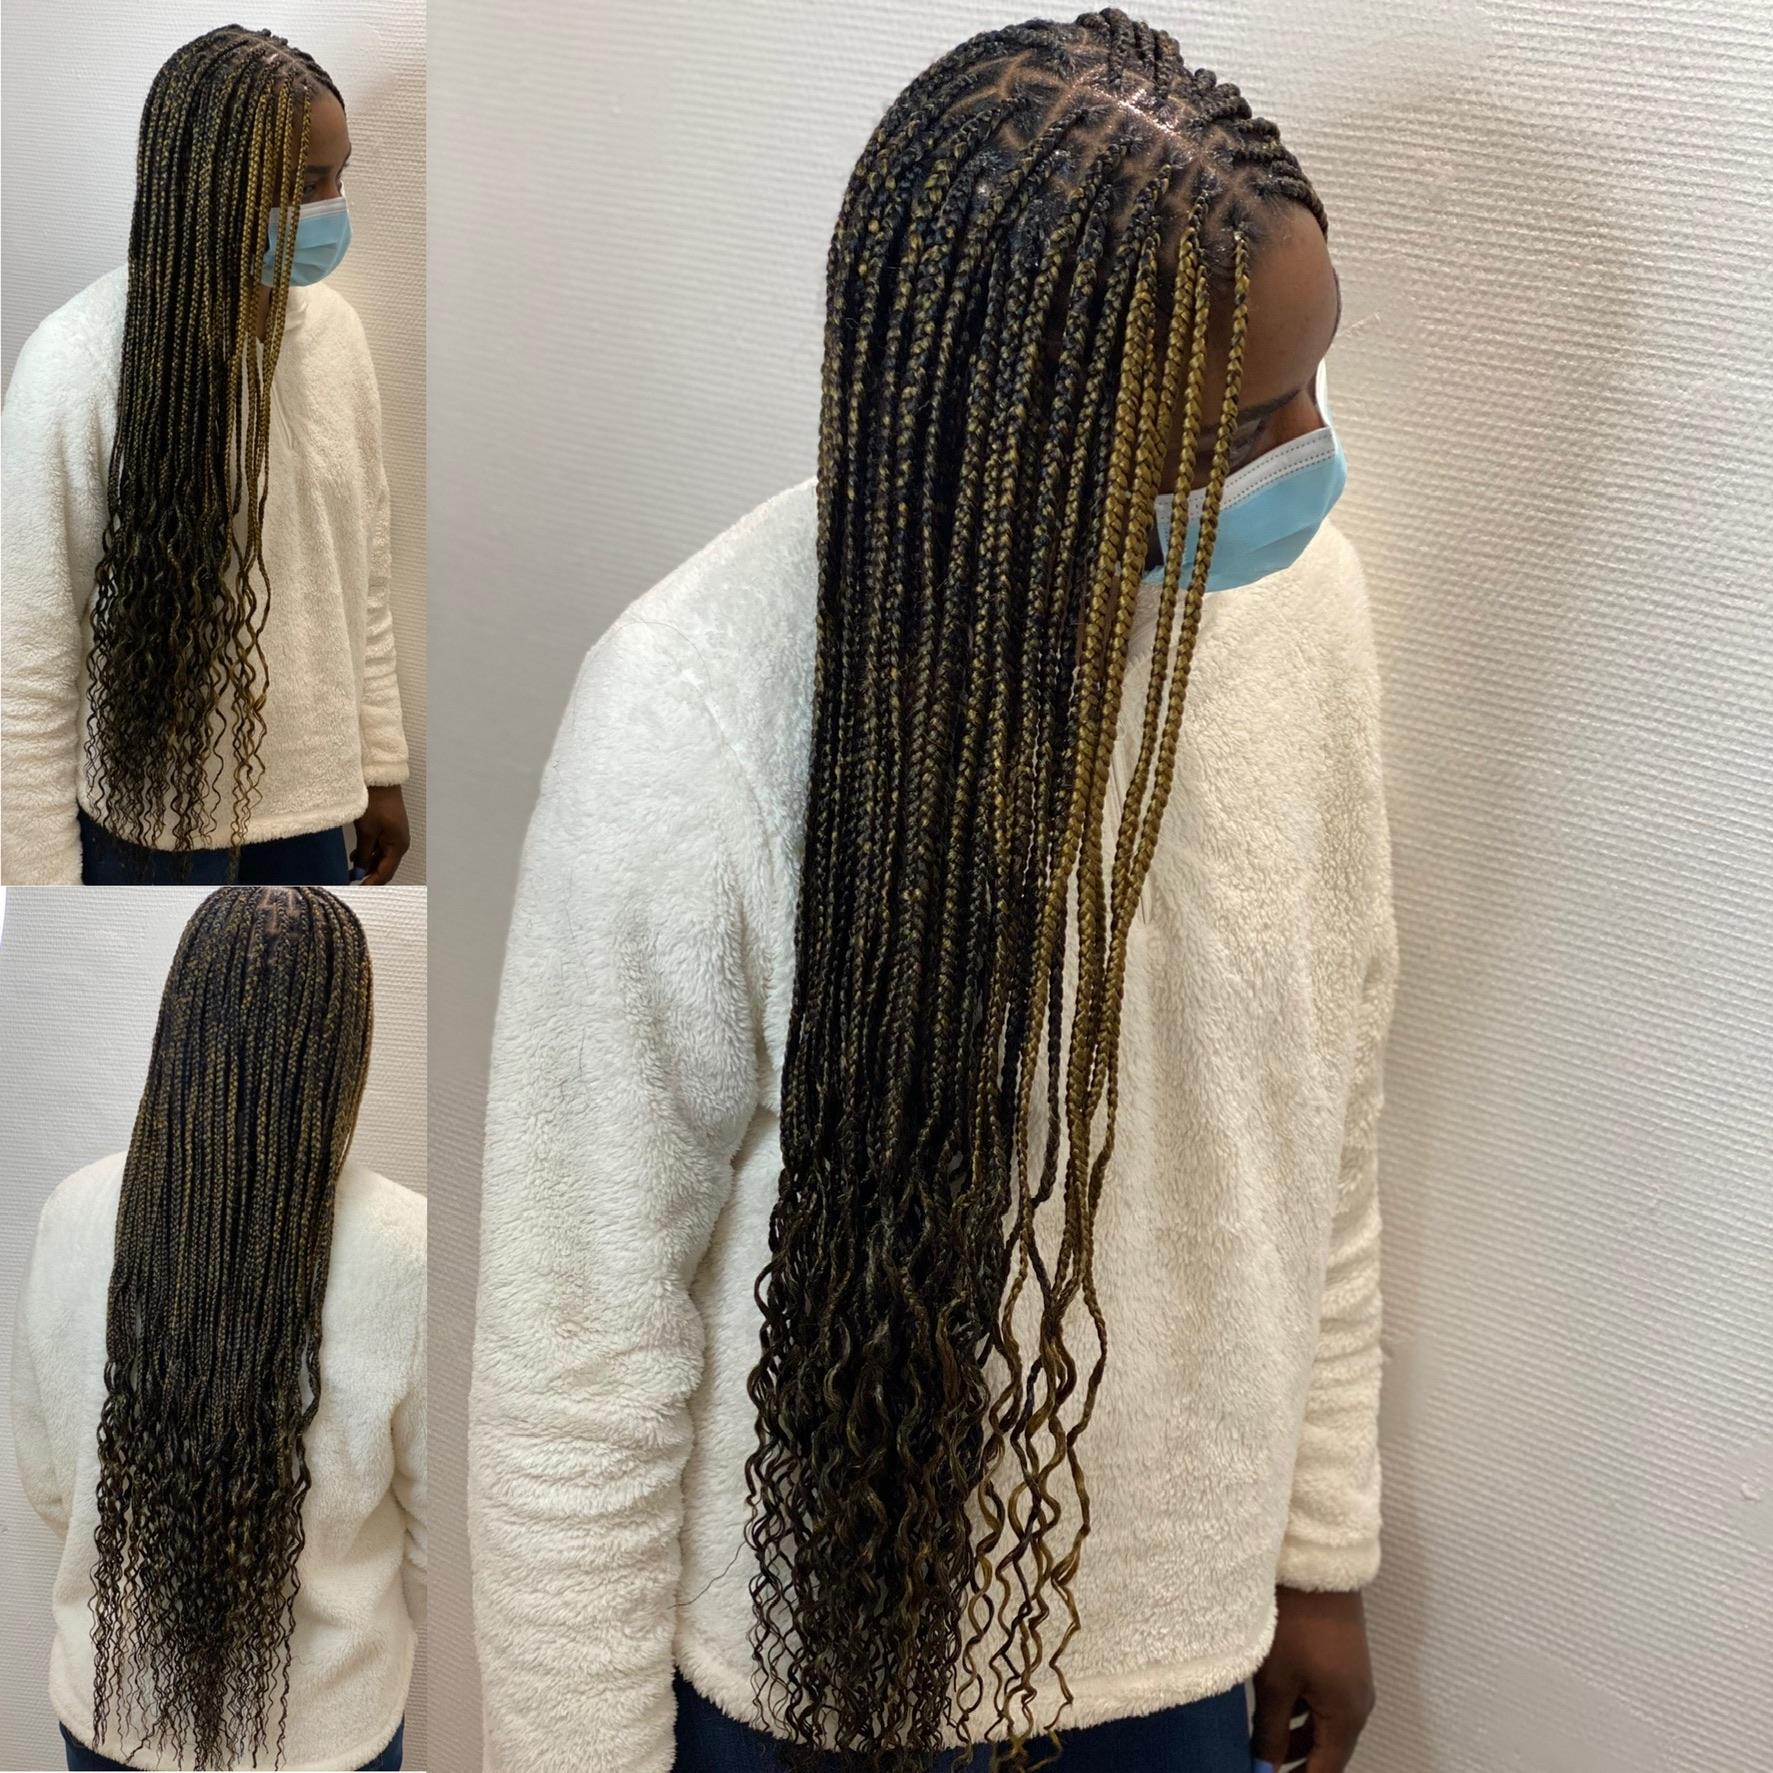 salon de coiffure afro tresse tresses box braids crochet braids vanilles tissages paris 75 77 78 91 92 93 94 95 WERIWVSJ